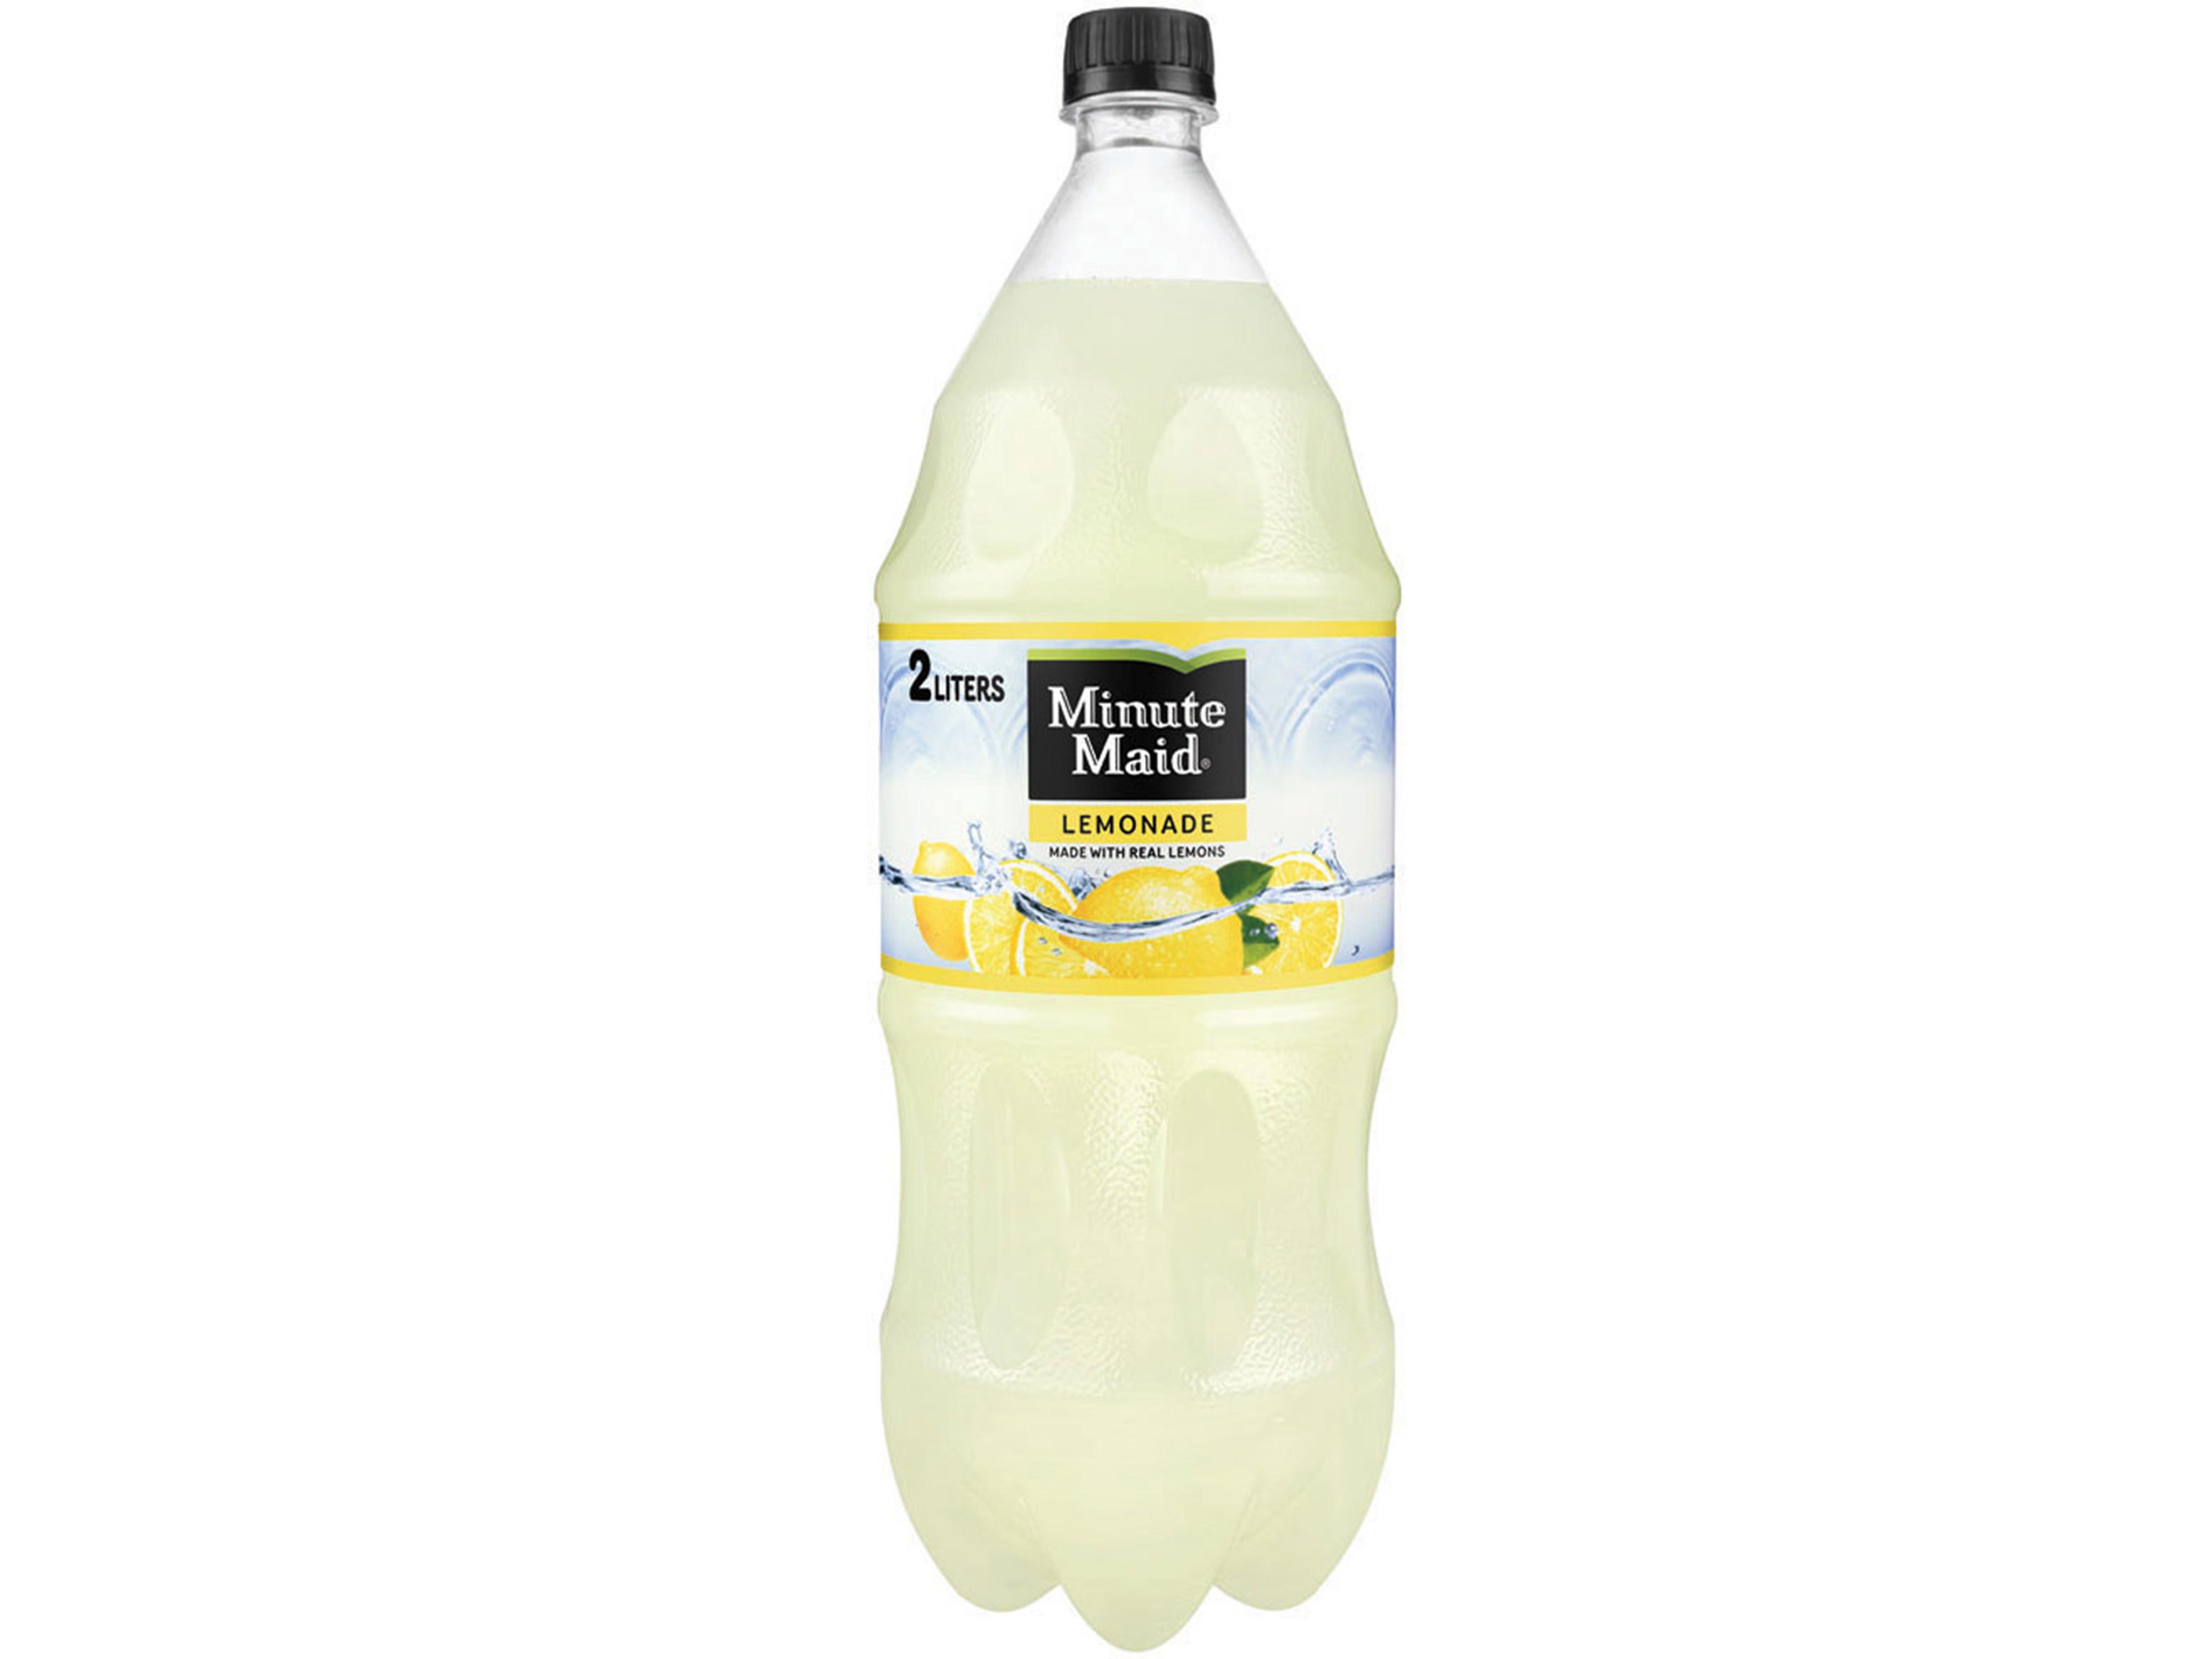 minute-maid-lemonade